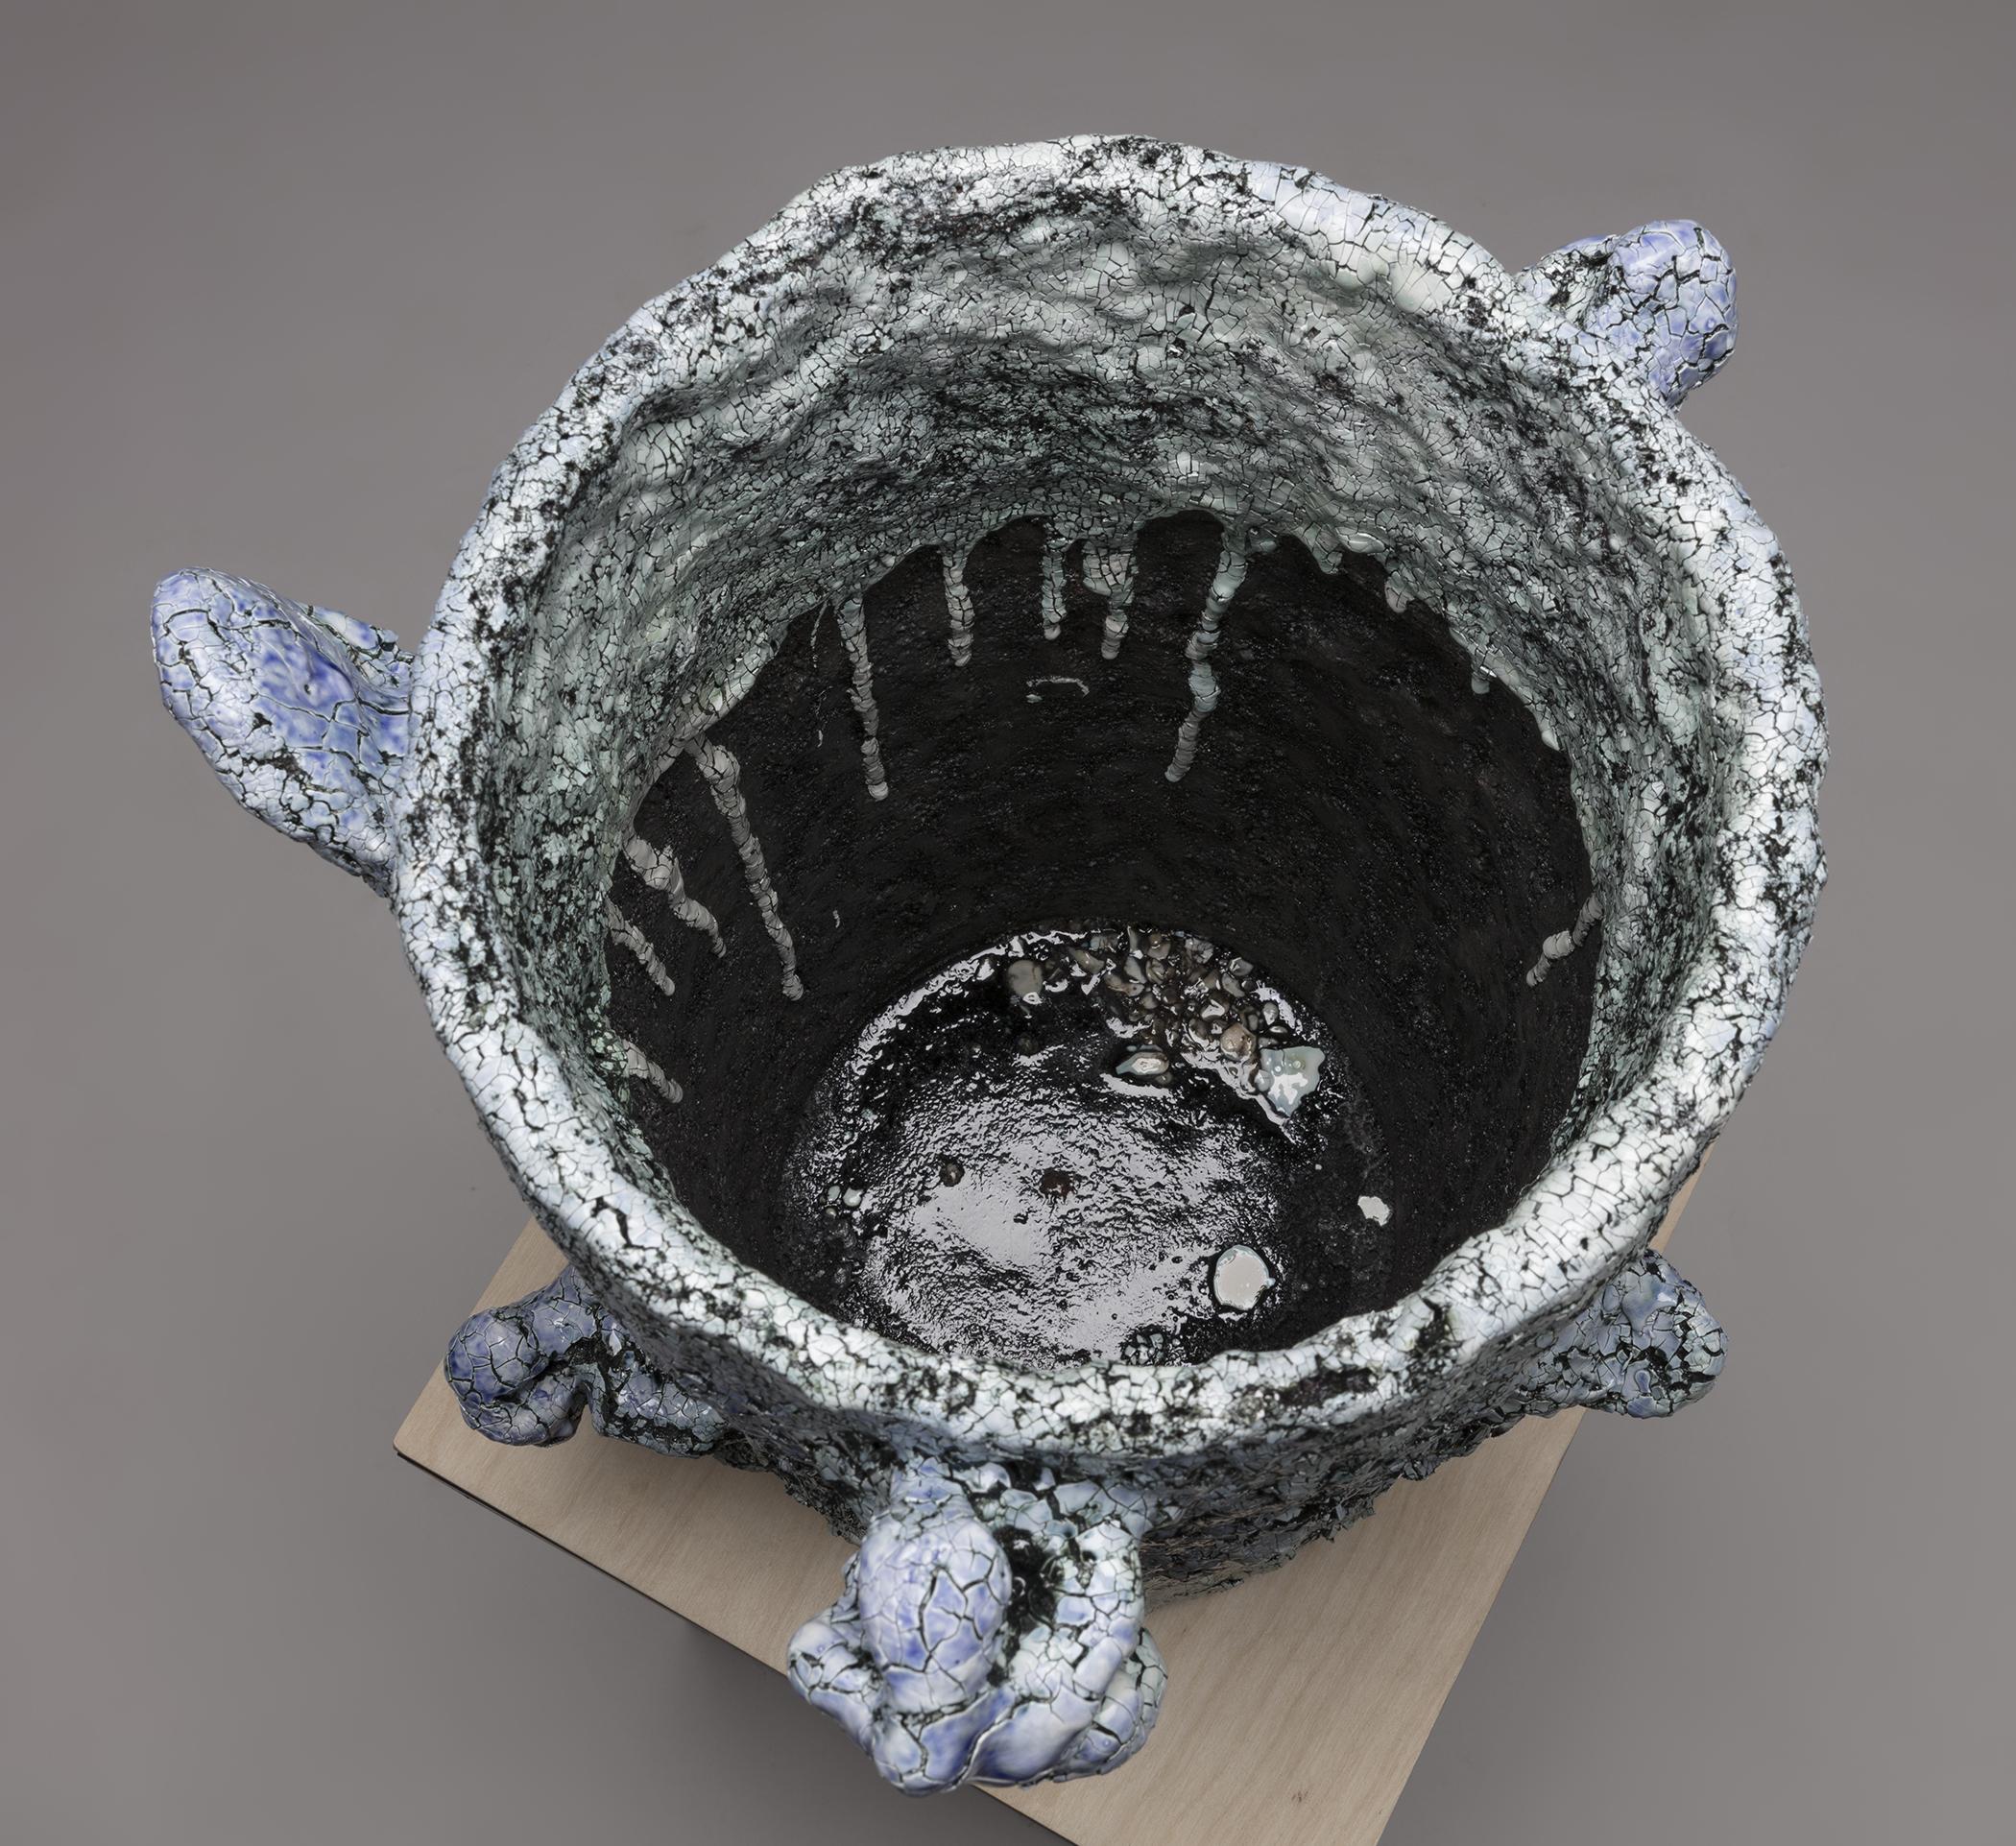 Tony Marsh. <em>Crucible Furiosa  2</em>, 2018. Ceramic, 19 x 16 x 16 inches (48.3 x 40.6 x 40.6 cm) Detail